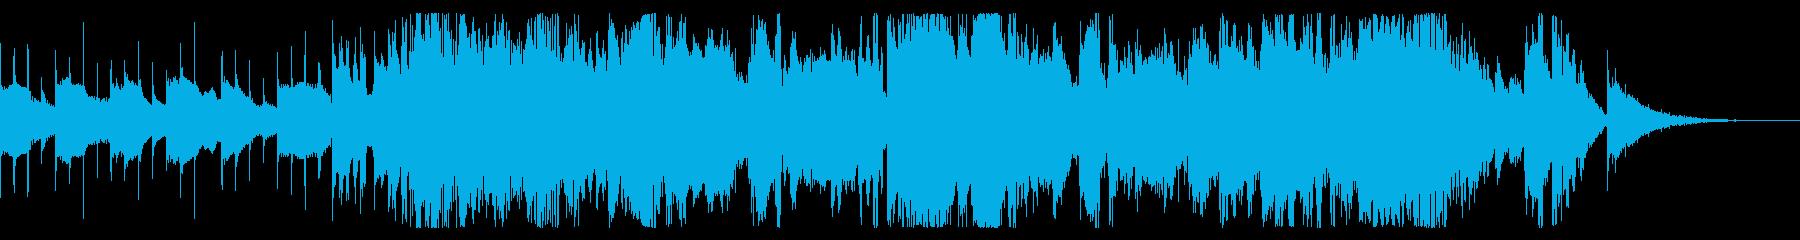 スマートフォンダンス音楽シンセ通信...の再生済みの波形